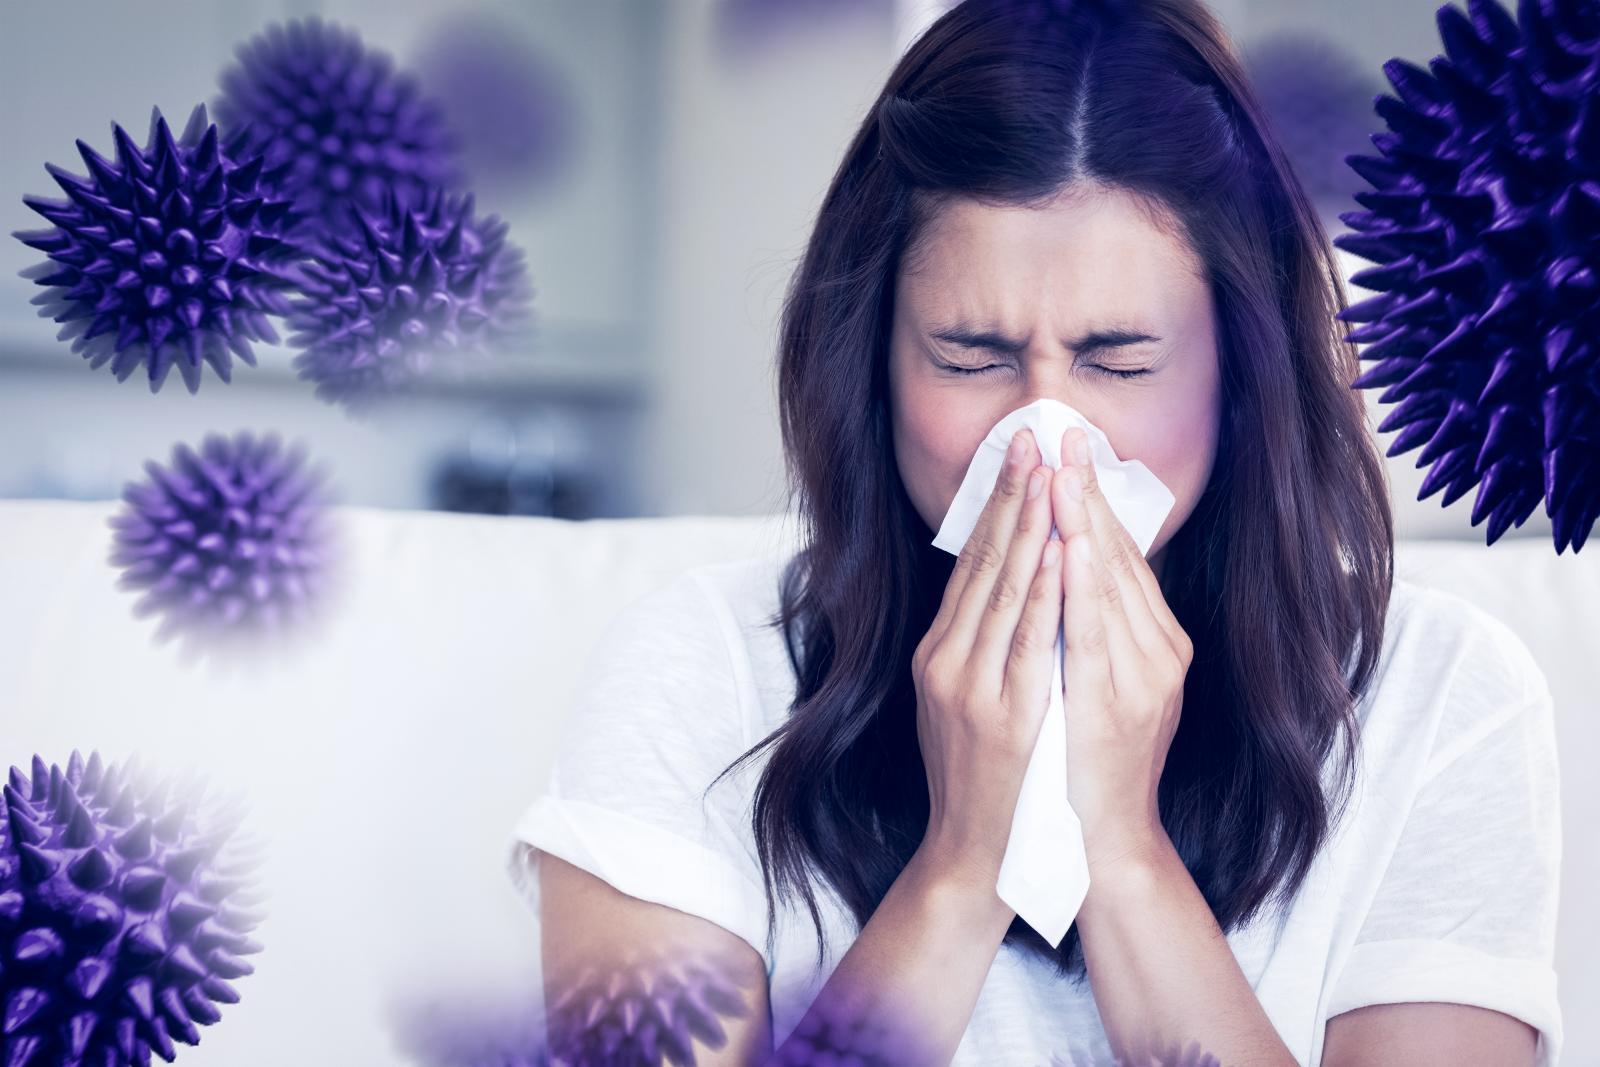 US Flu Cases Reach 29 Million: Have We Hit Peak Season?